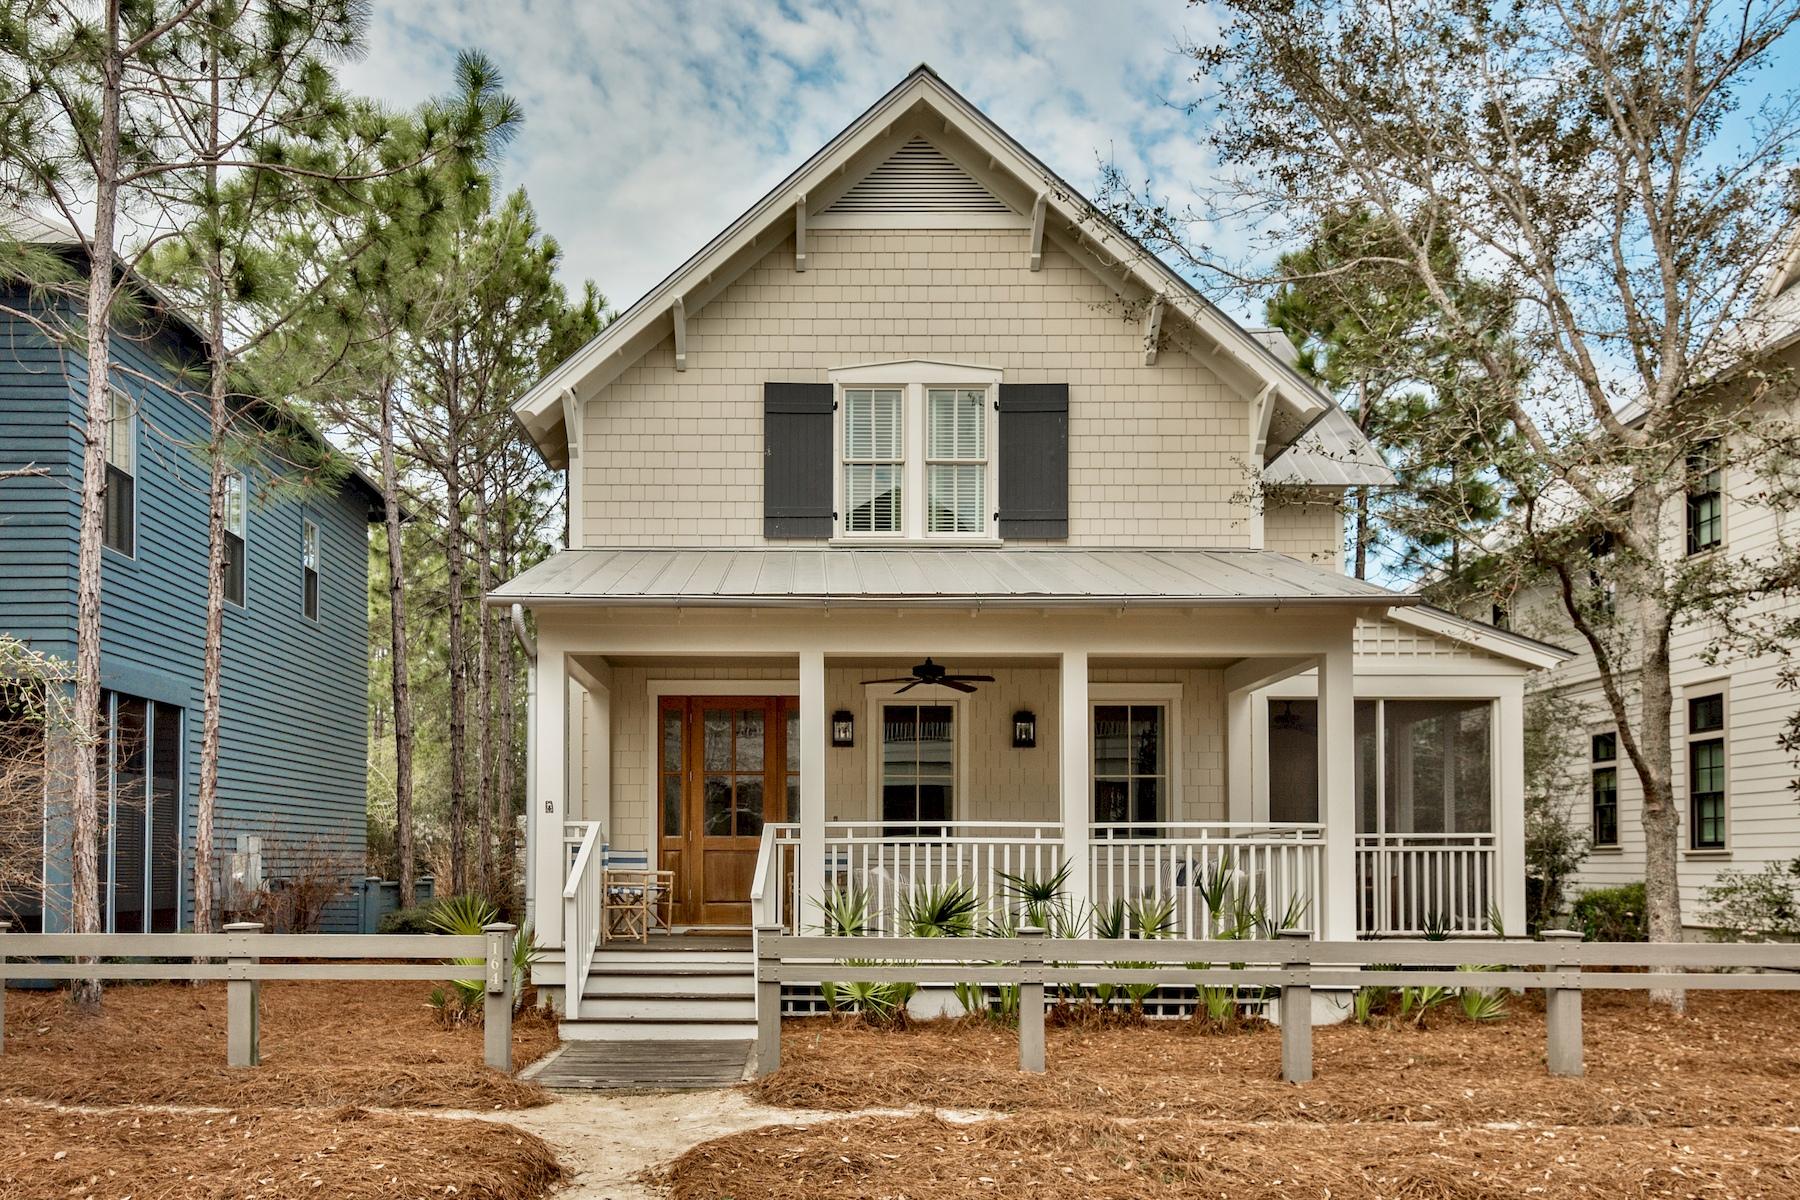 Частный односемейный дом для того Продажа на Spacious Beach Home with Fine Furnishings and Craftsmanship 164 Pond Cypress Way, Watercolor, Santa Rosa Beach, Флорида, 32459 Соединенные Штаты